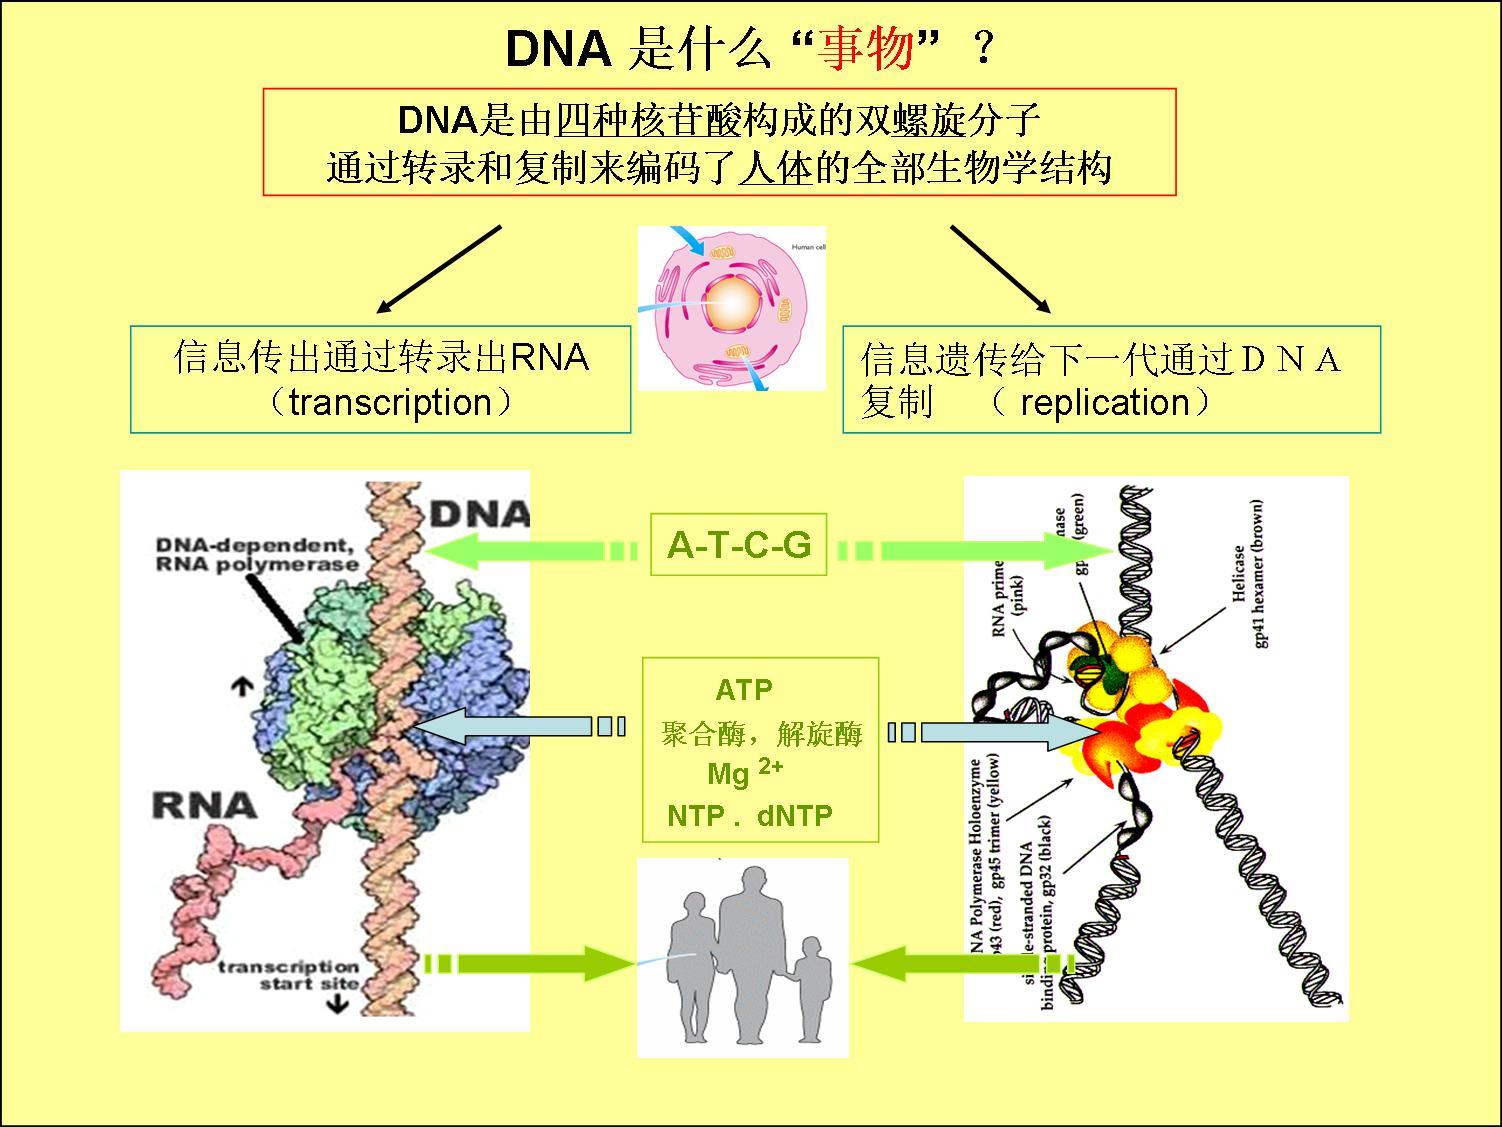 dna分子是螺旋结构吗